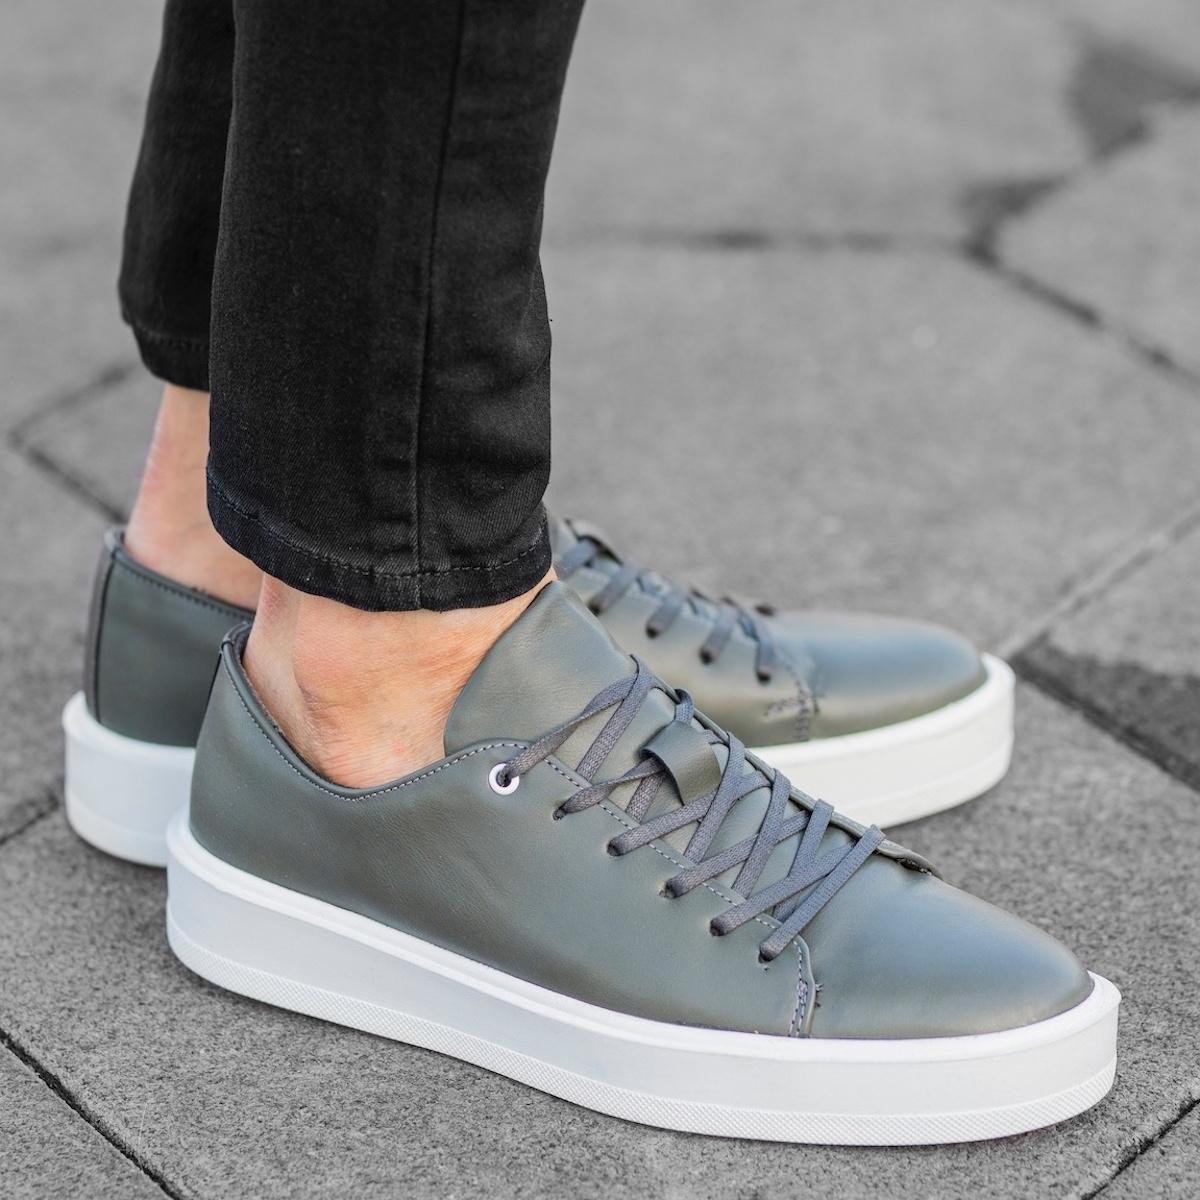 Men's Flat Sole Sneakers In Gray